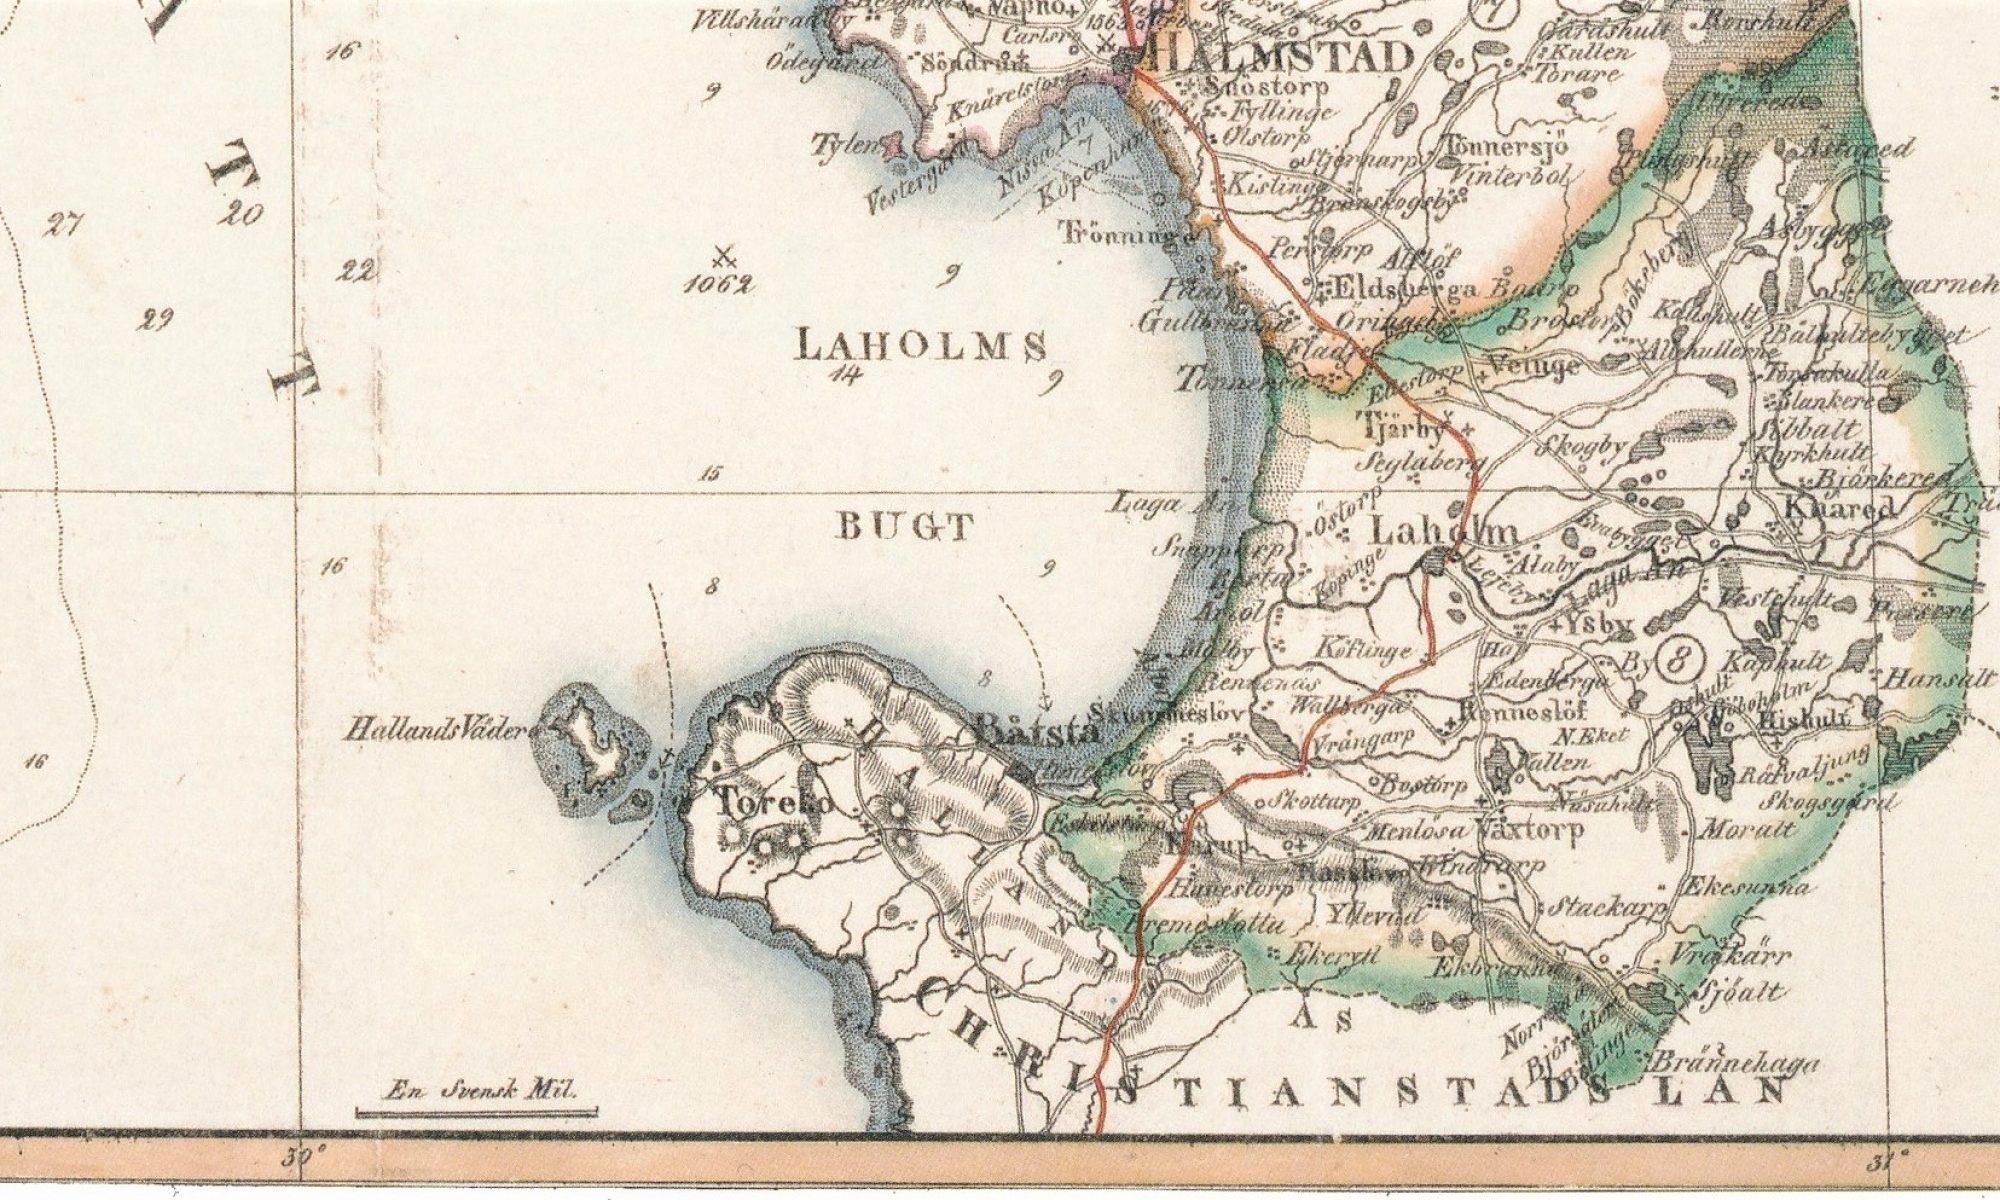 Södra Hallands Släktforskningsring